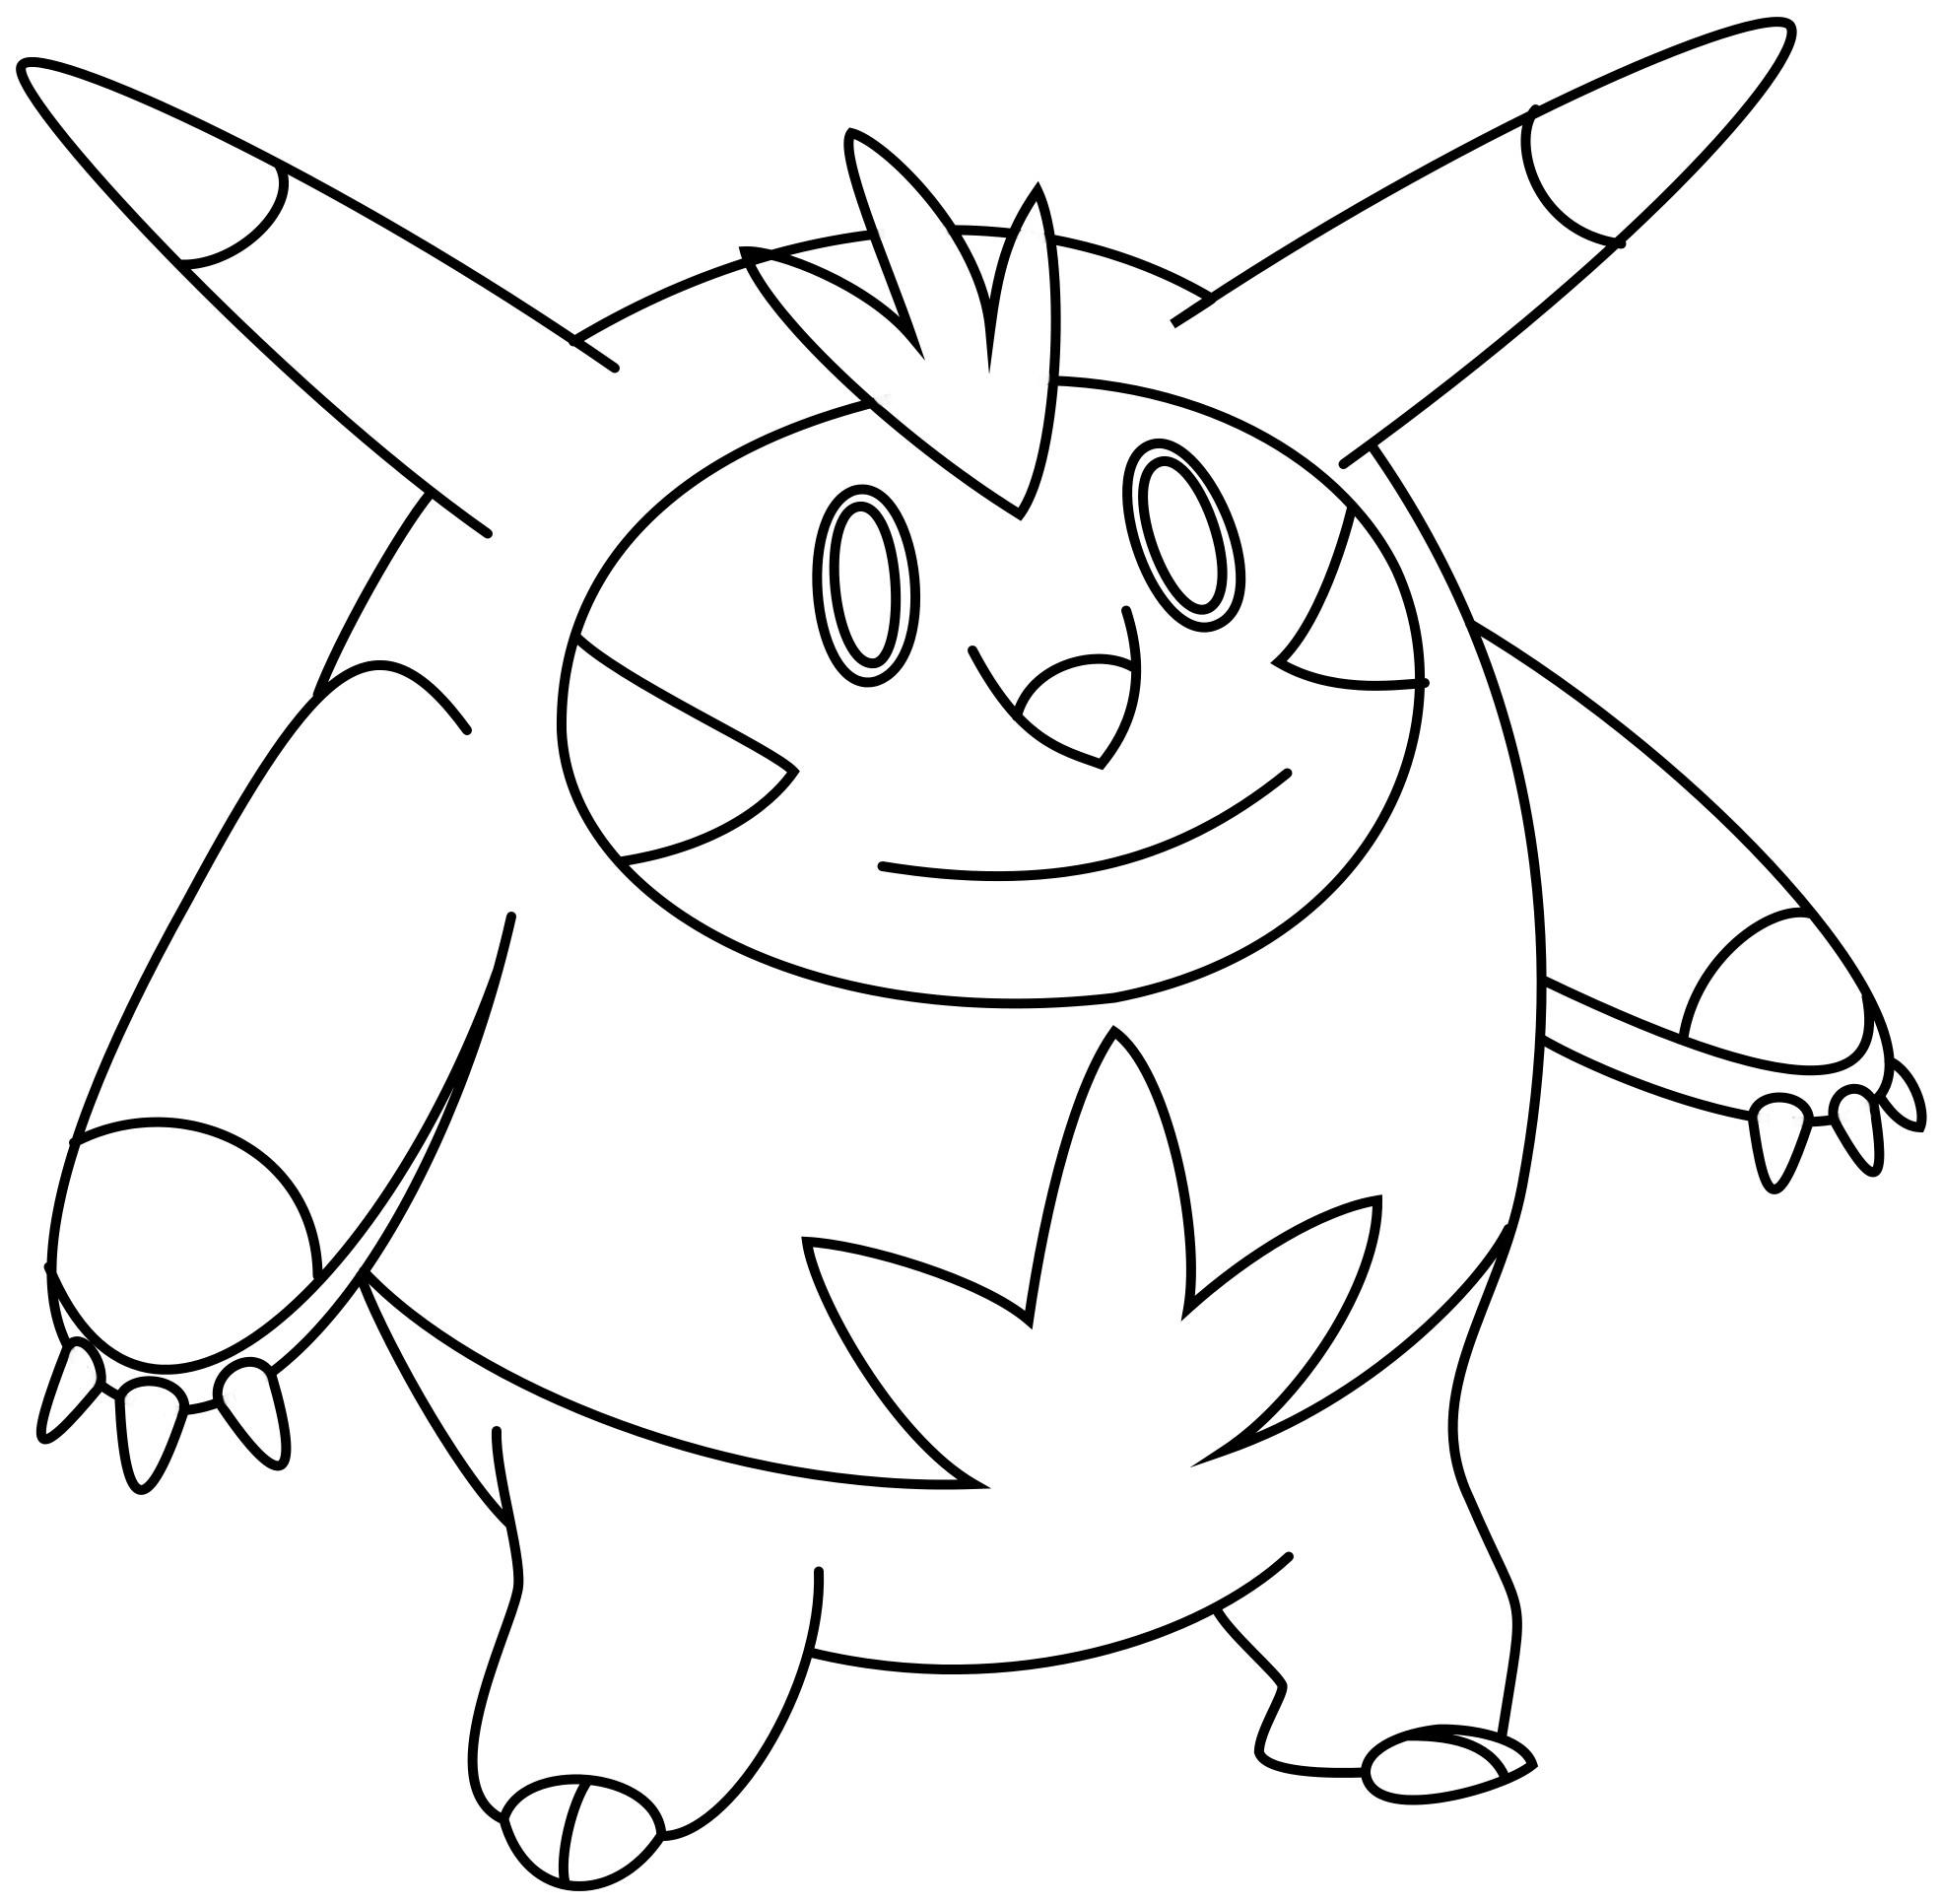 Zeichnung: Igastarnish - Ausmalbild (Pokémon-Fanart)